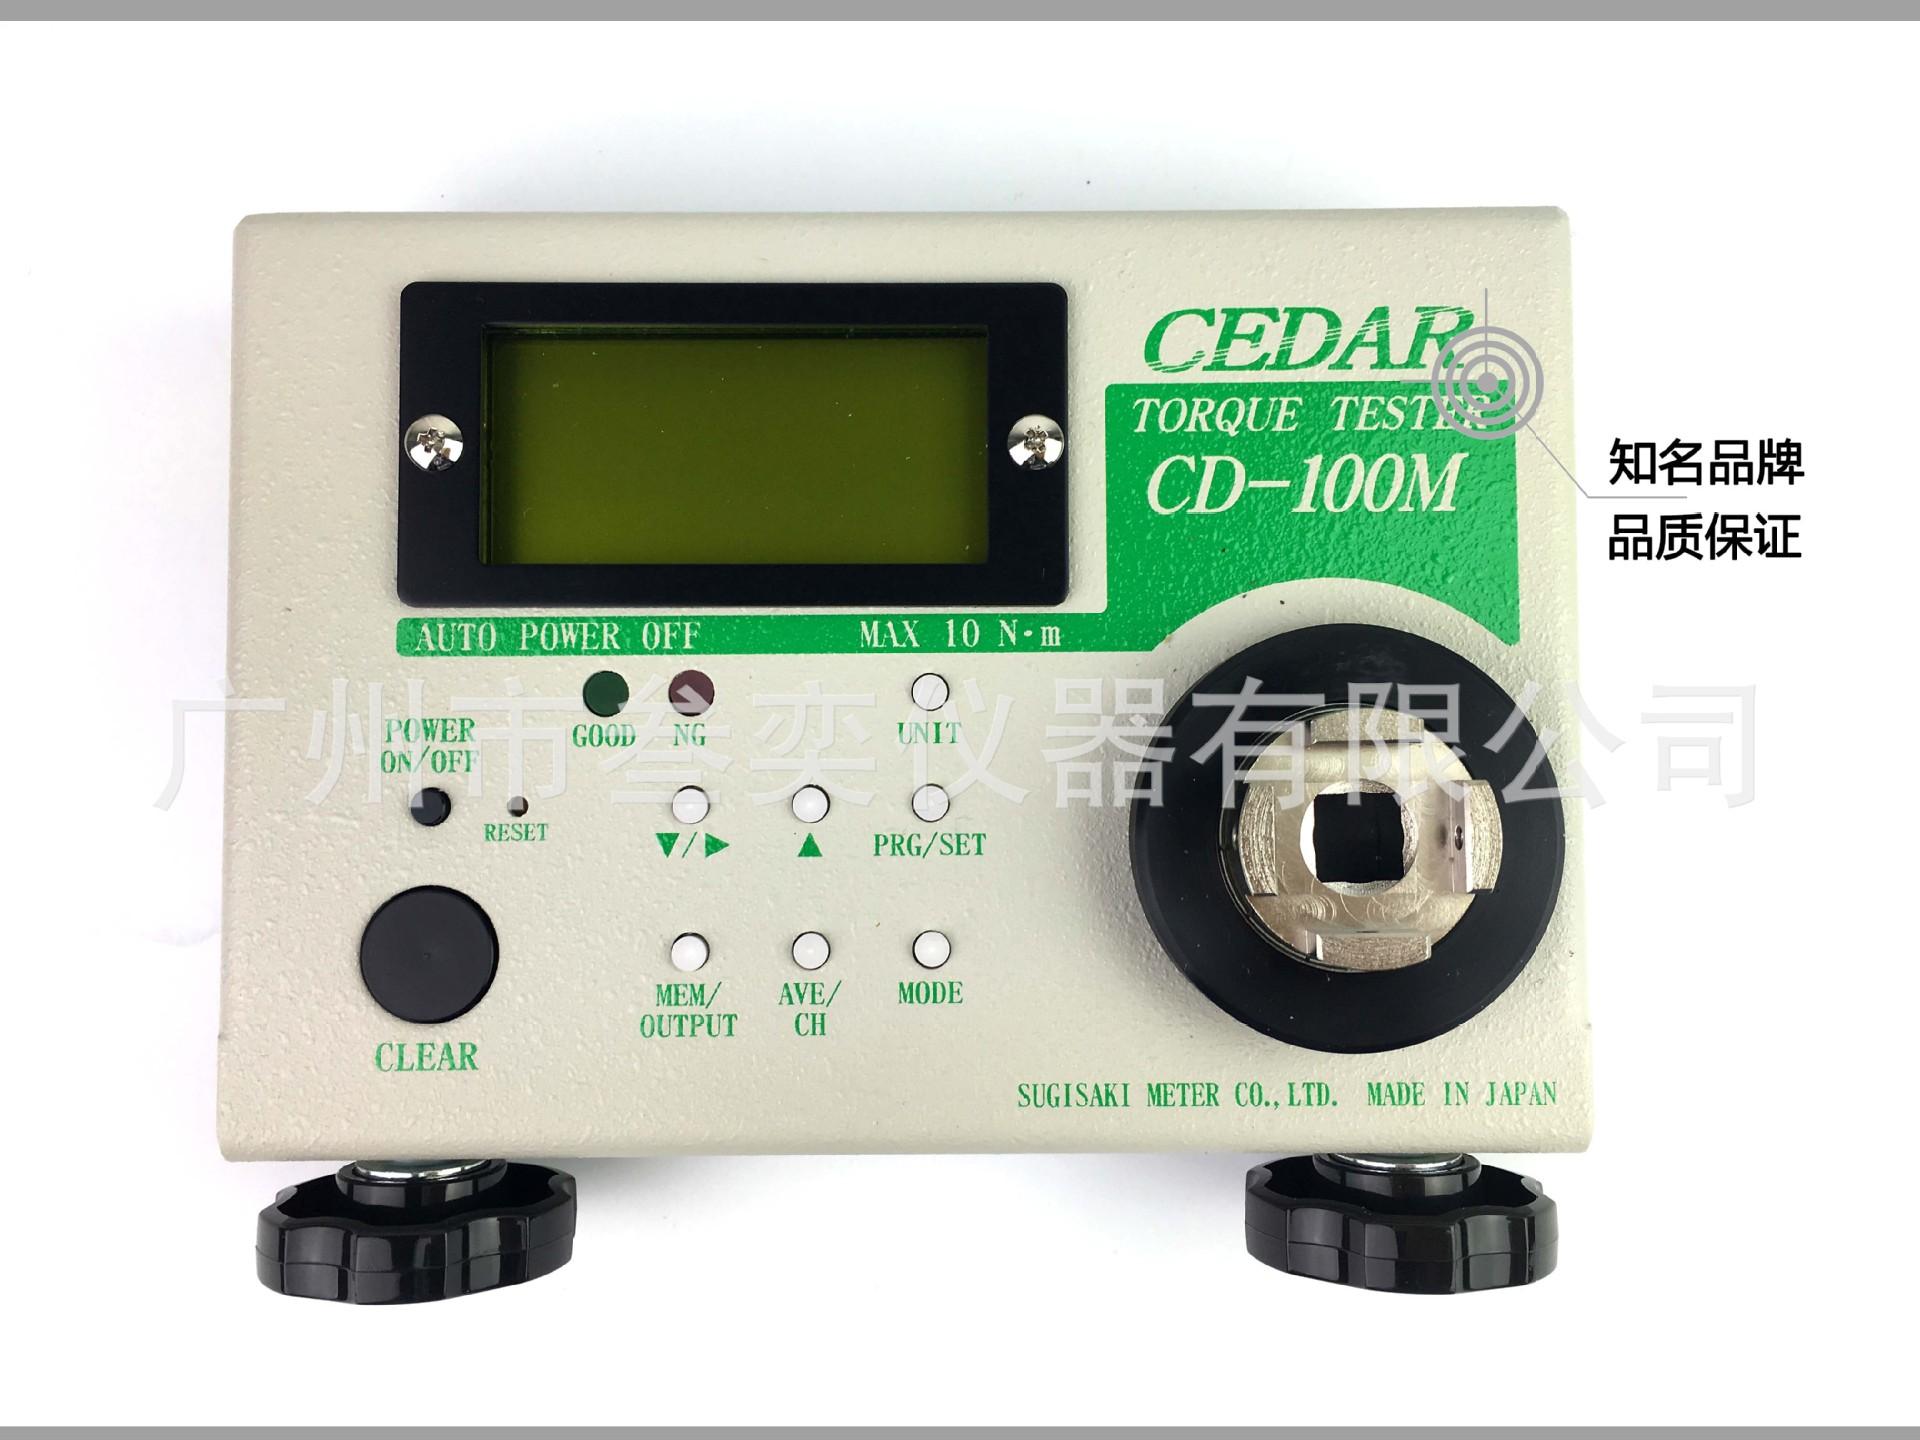 CEDAR3